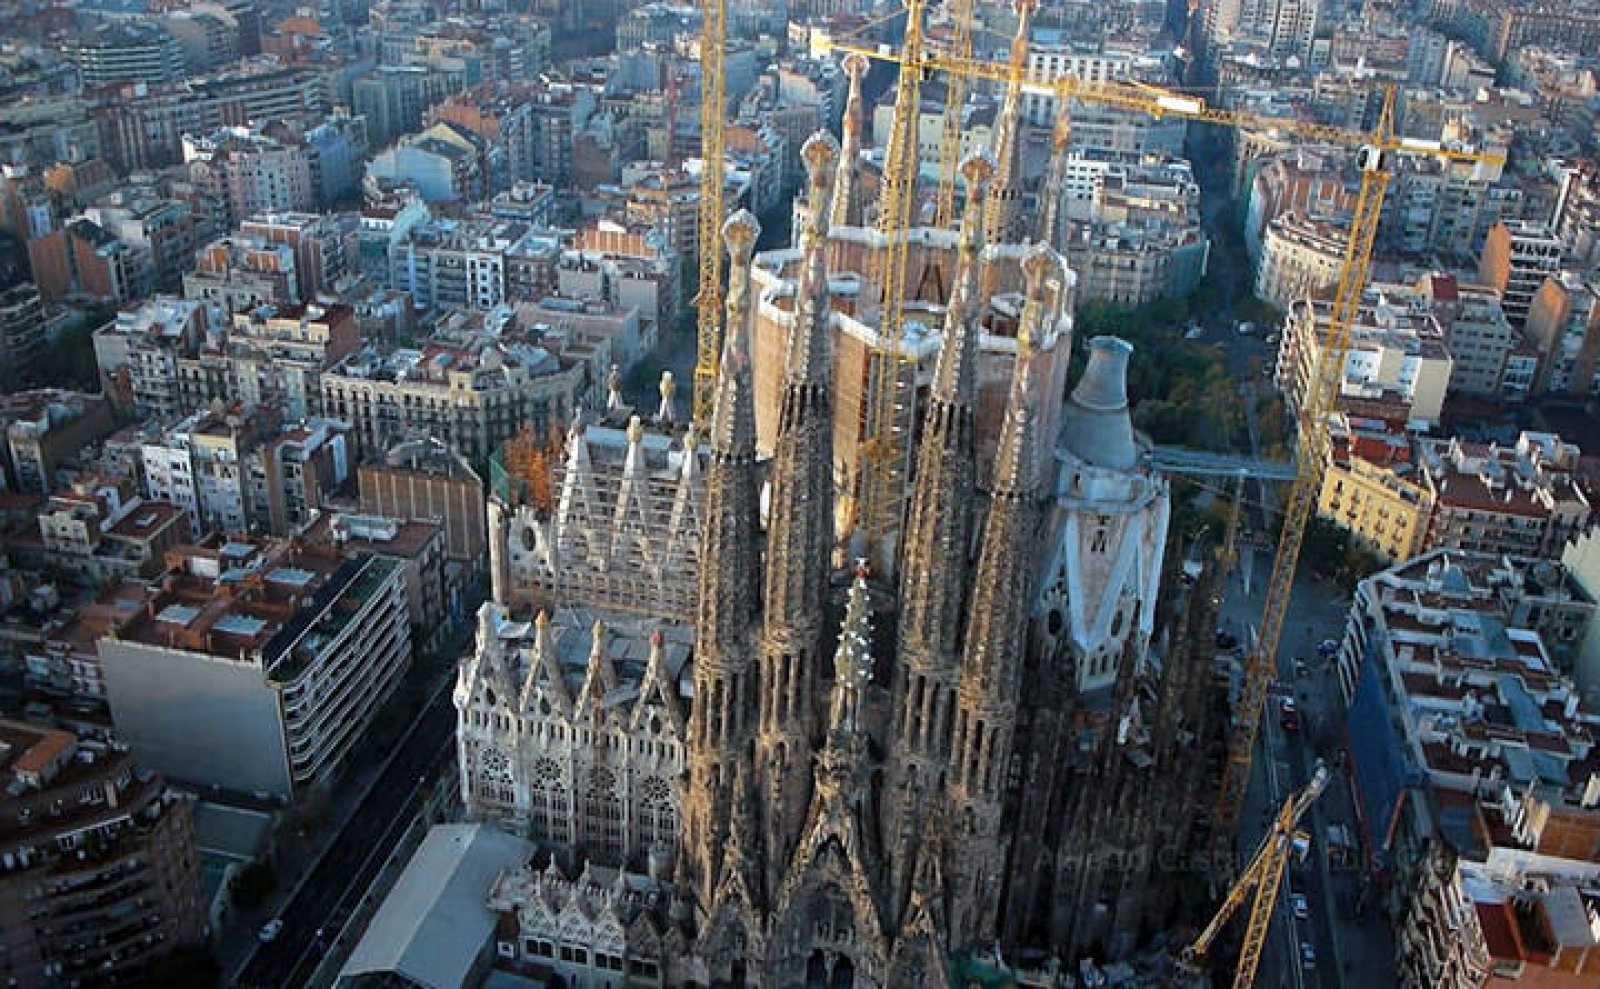 La Sagrada Familia en uno de los momentos captados por el octocóptero en vídeo.